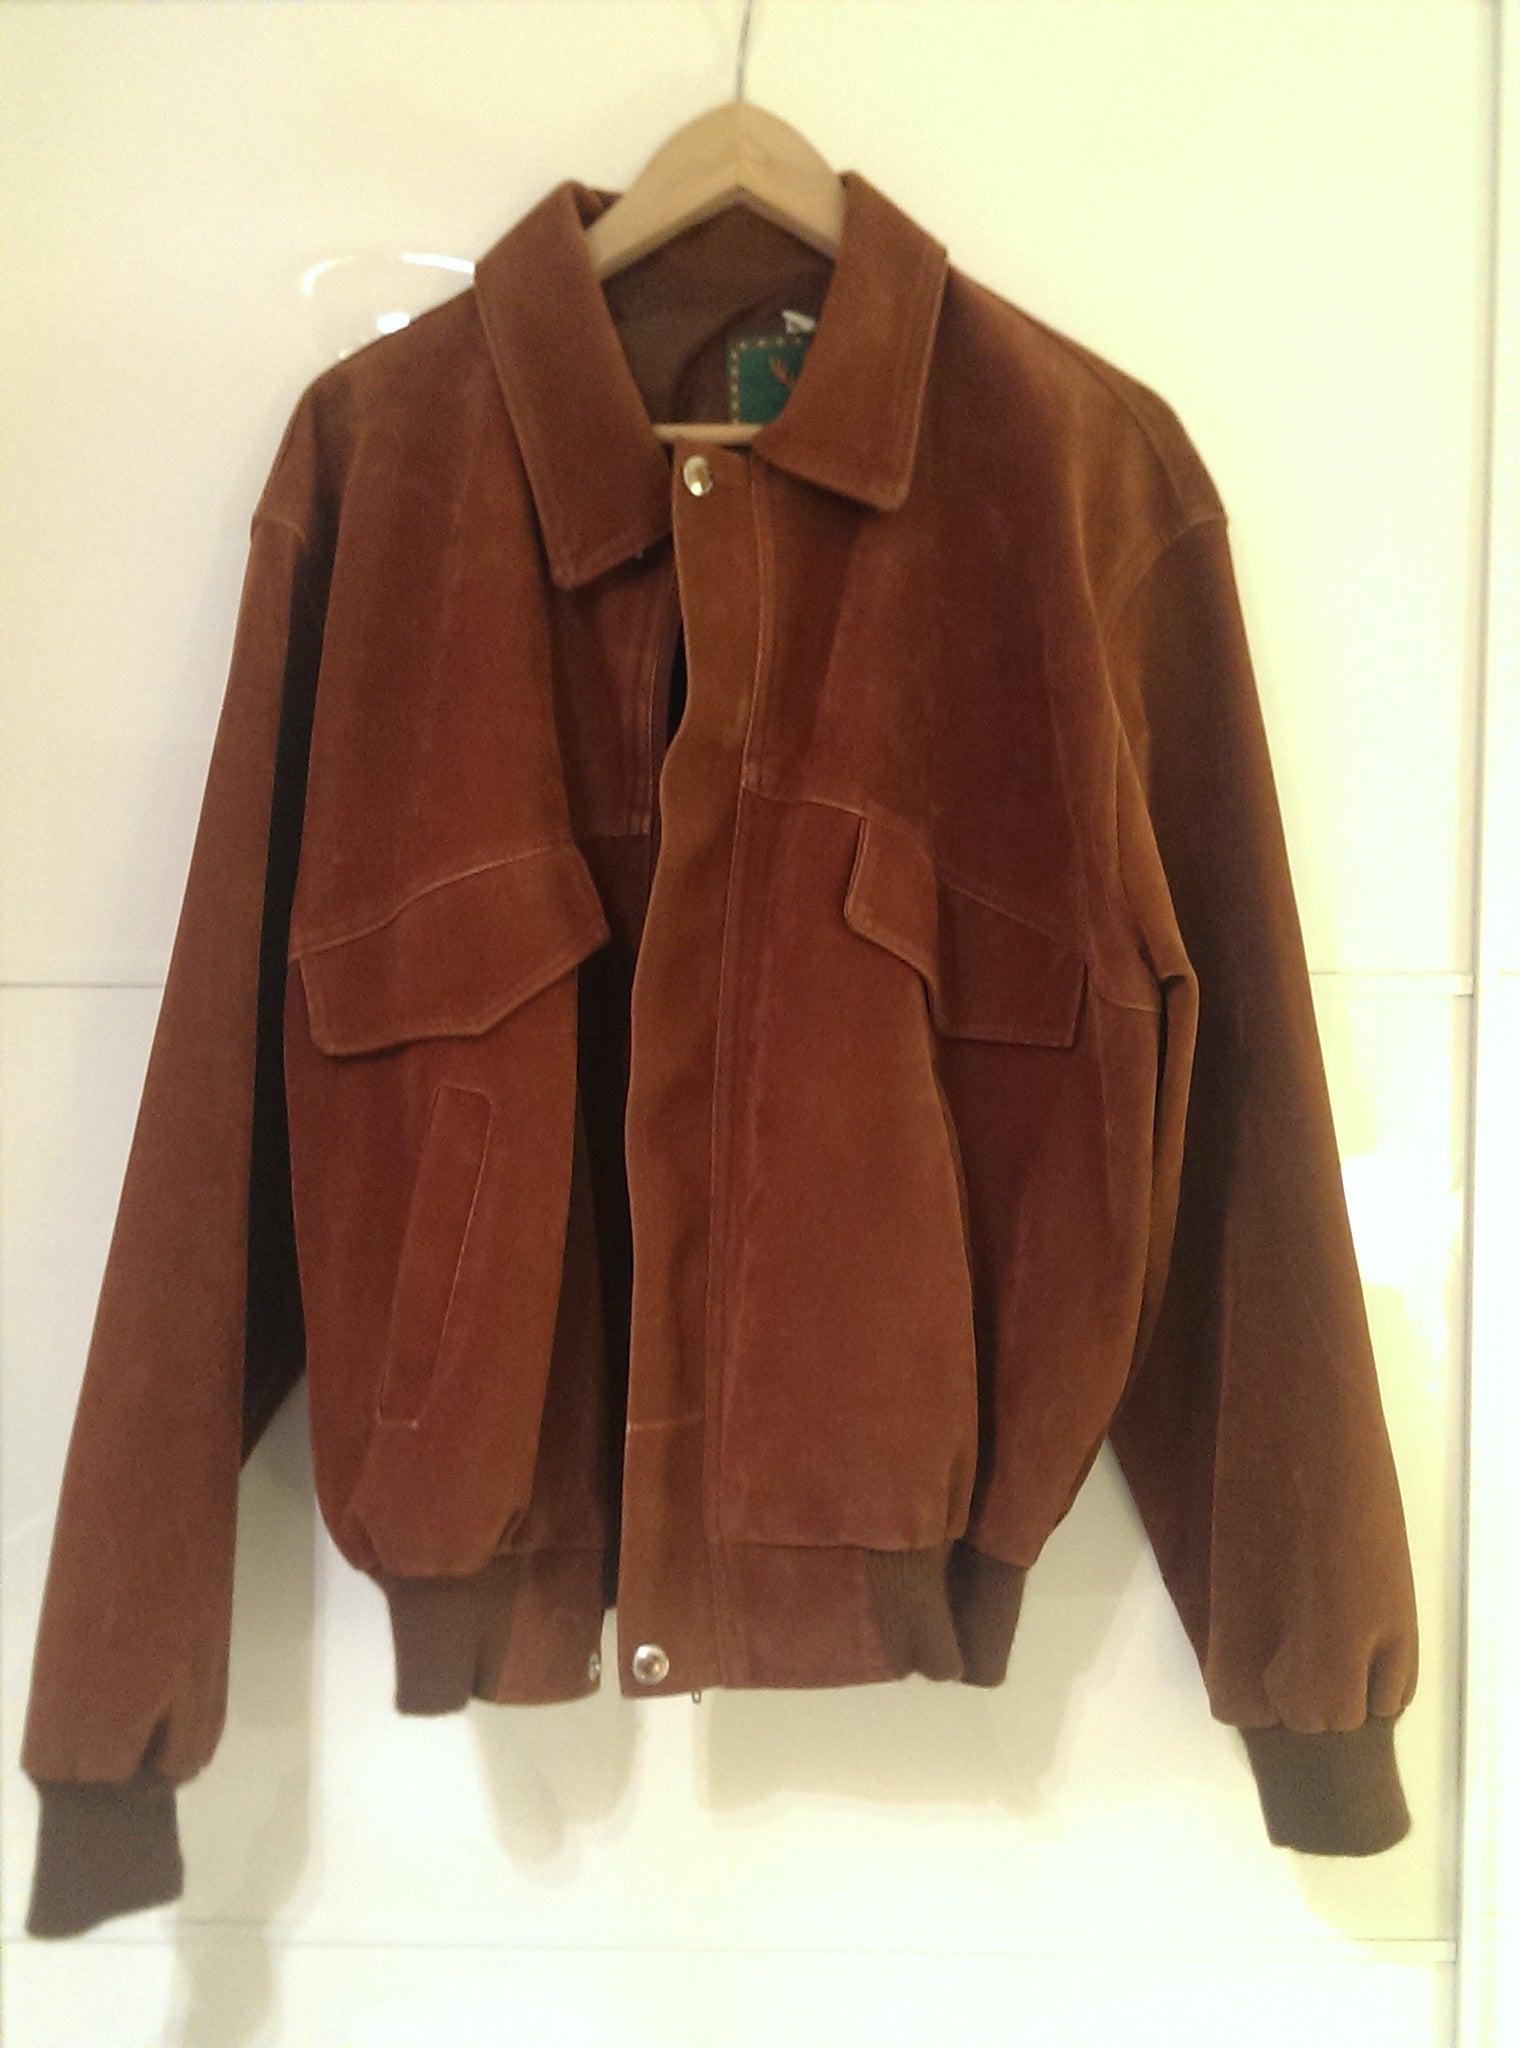 Camel Suede bomber jacket / PopArtVintage